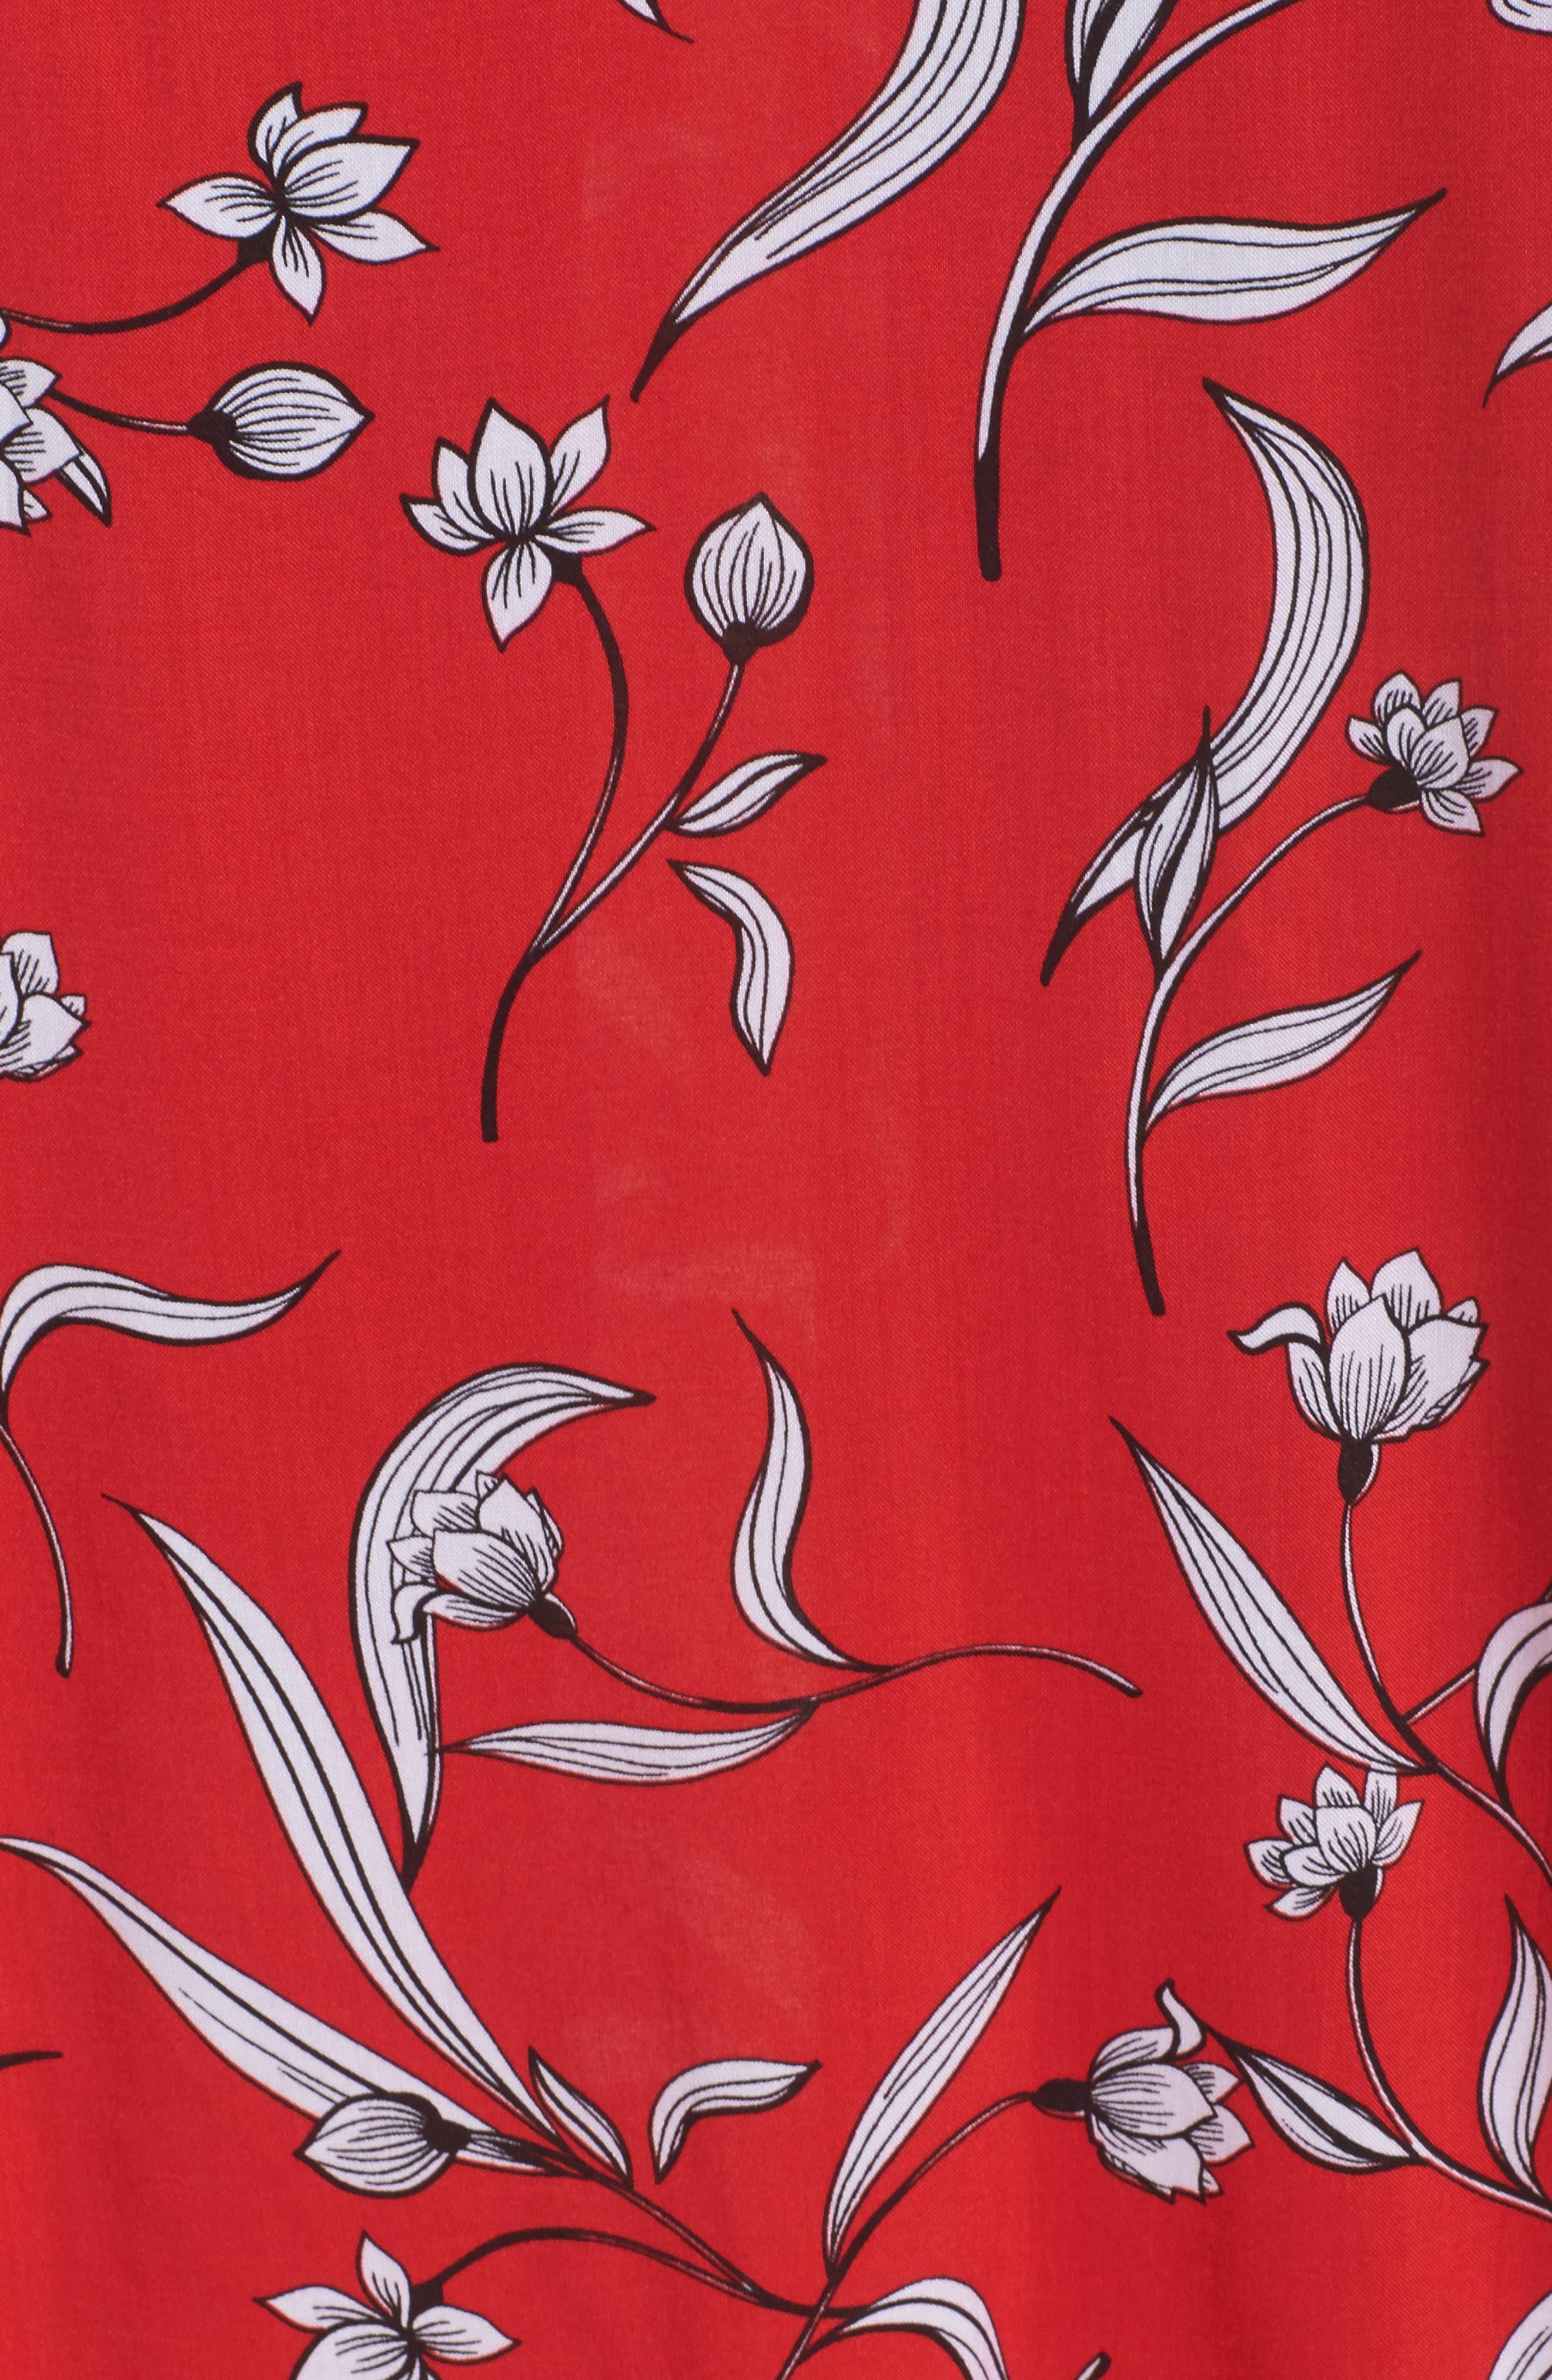 Amelia Floral Dress,                             Alternate thumbnail 5, color,                             Floral Print